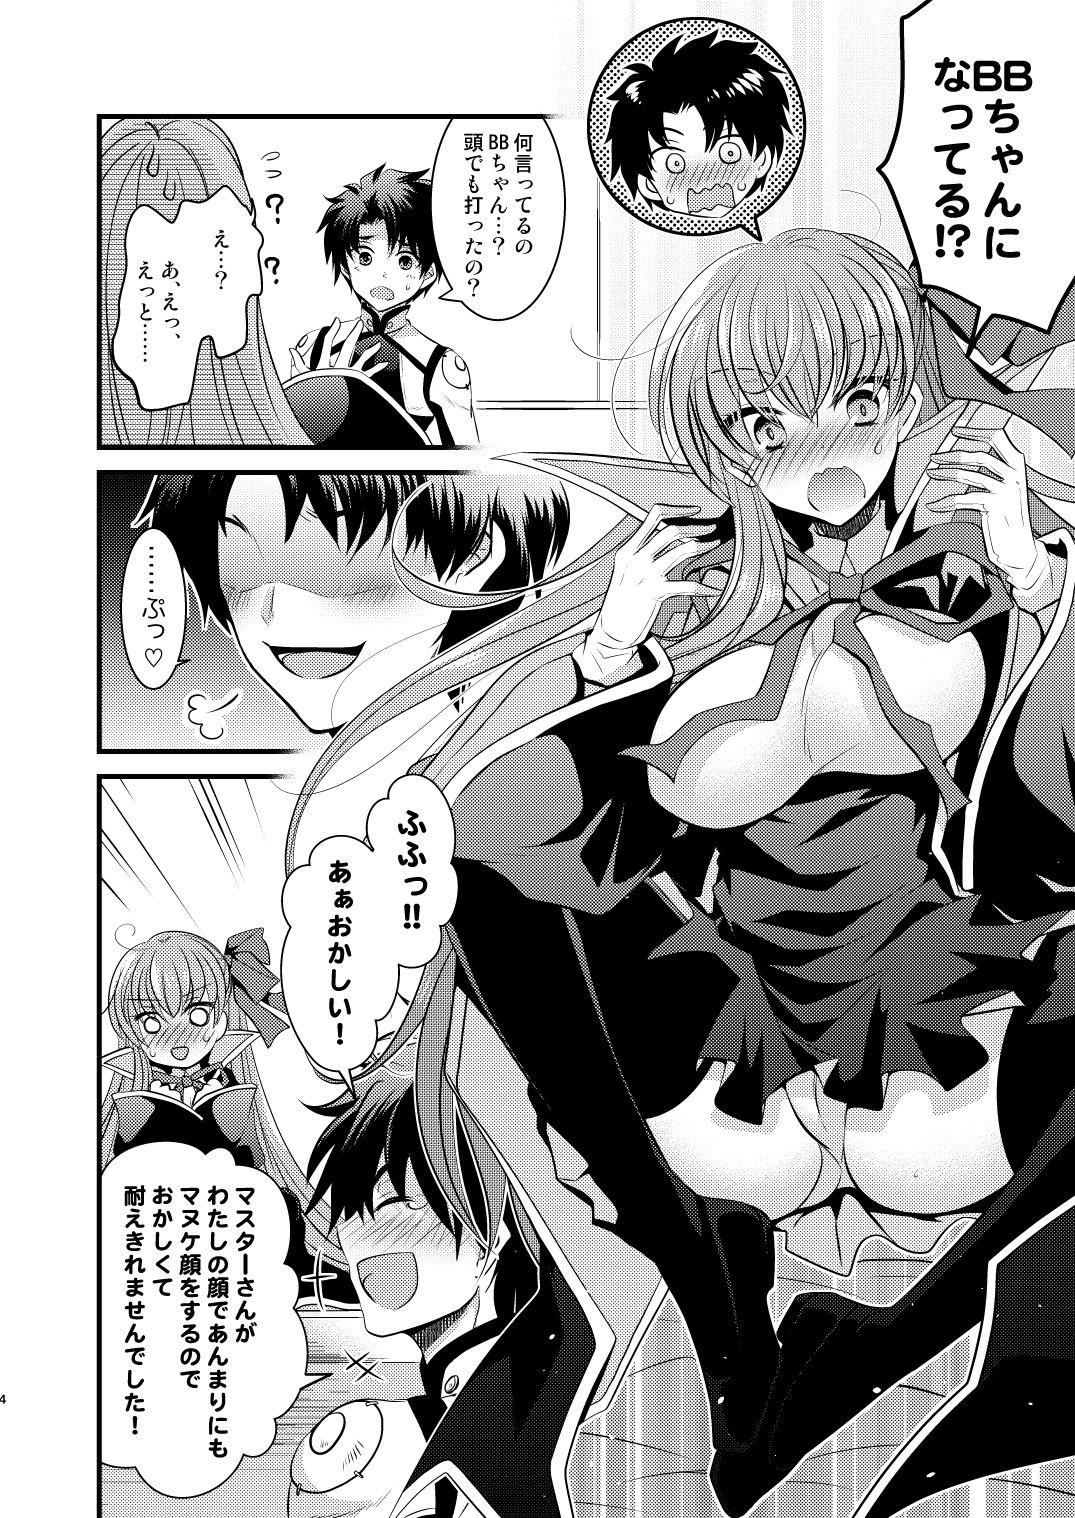 【Fate 同人】オーダーチェンジで身体が入れ替わっちゃう話